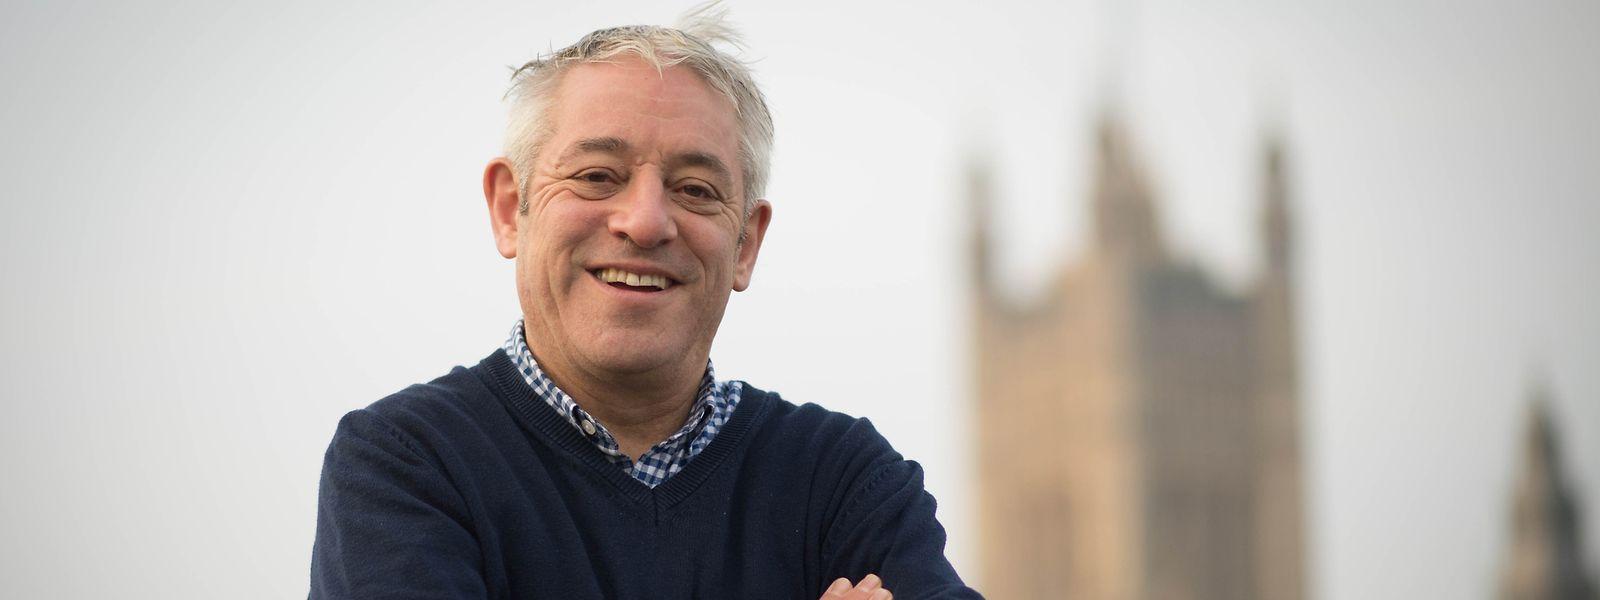 Kurz nach Ende seiner Amtszeit hat der britische Ex-Parlamentspräsident John Bercow seine Neutralität aufgegeben und den geplanten EU-Ausstieg scharf verurteilt.